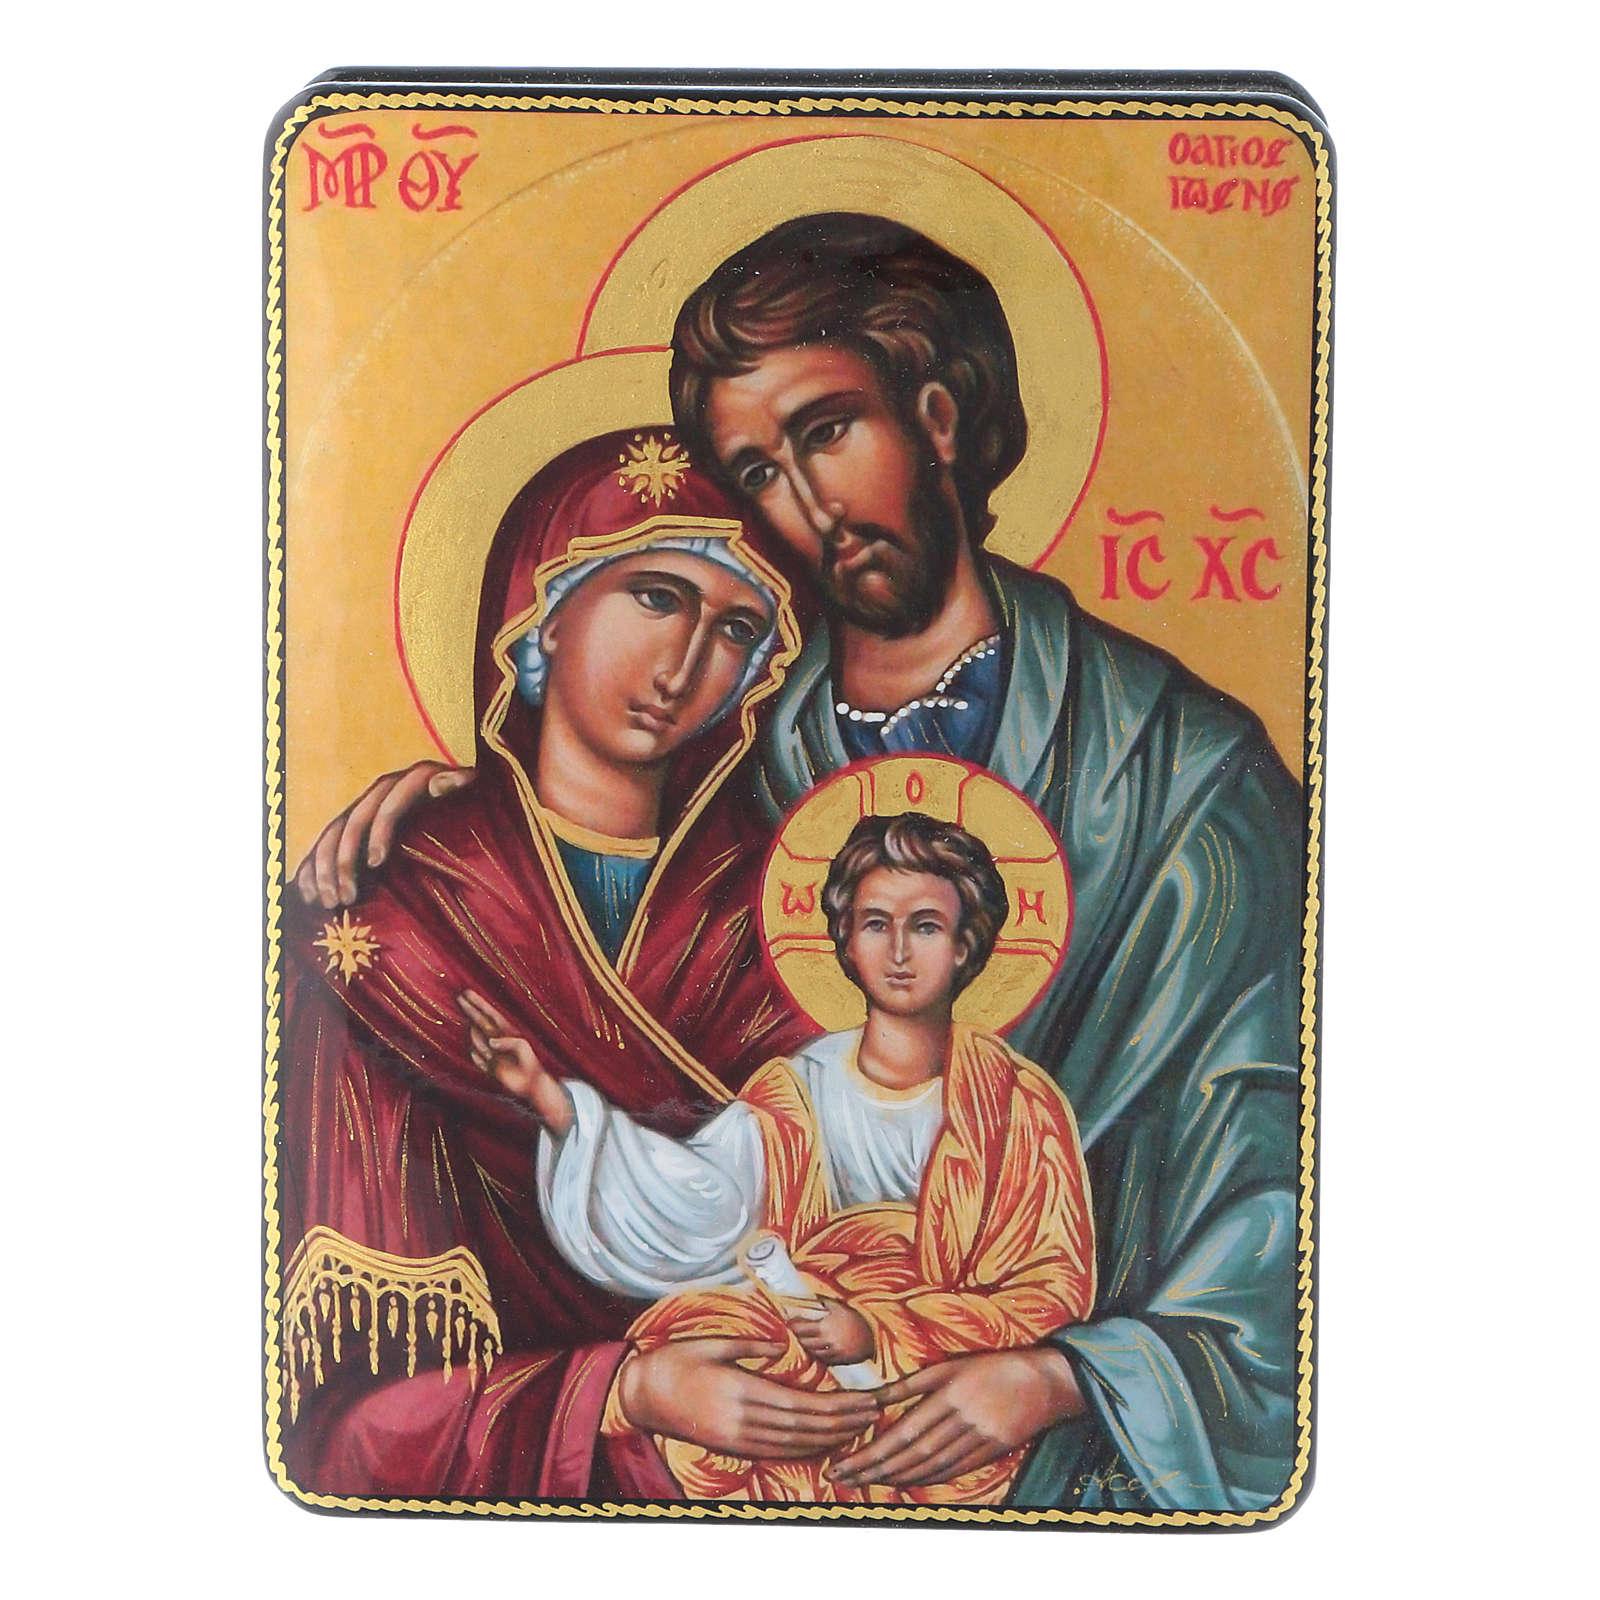 Lacca russa cartapesta Nascita Gesù Cristo Maestro Ignoto Fedoskino style 15x11 4